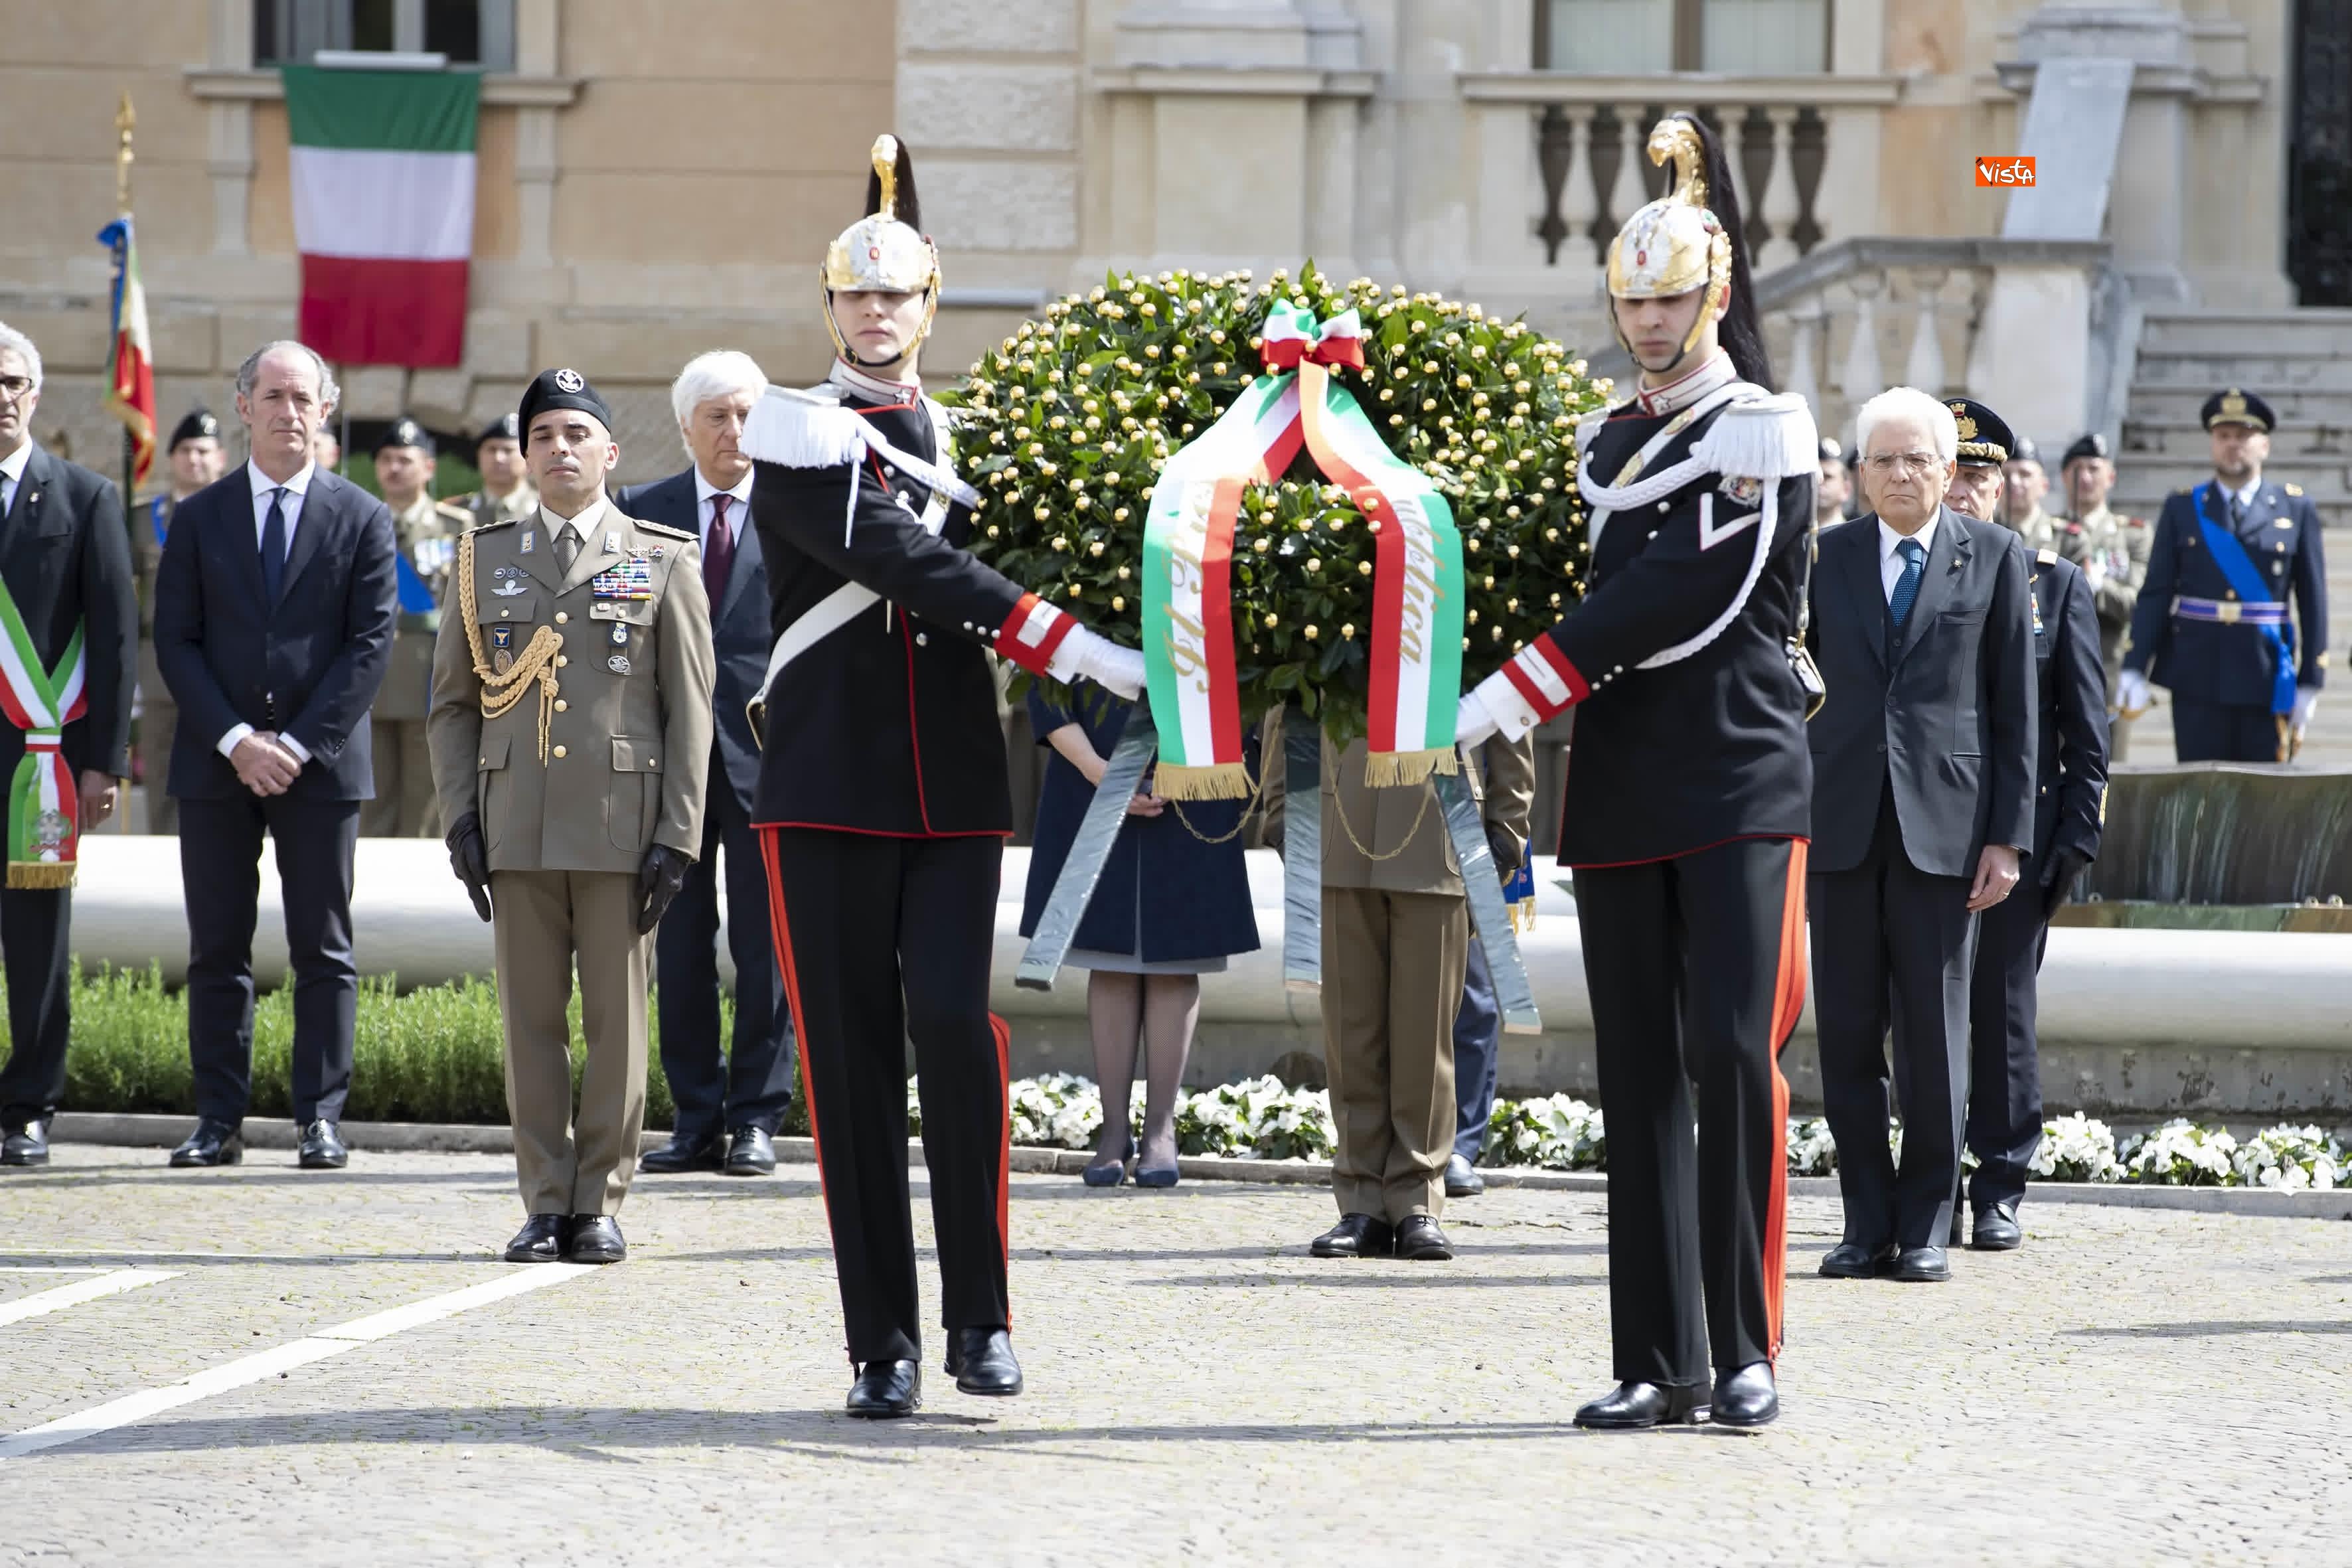 25-04-19 Il Presidente Mattarella assiste alla Cerimonia dell alzabandiera a Vittorio Veneto_05